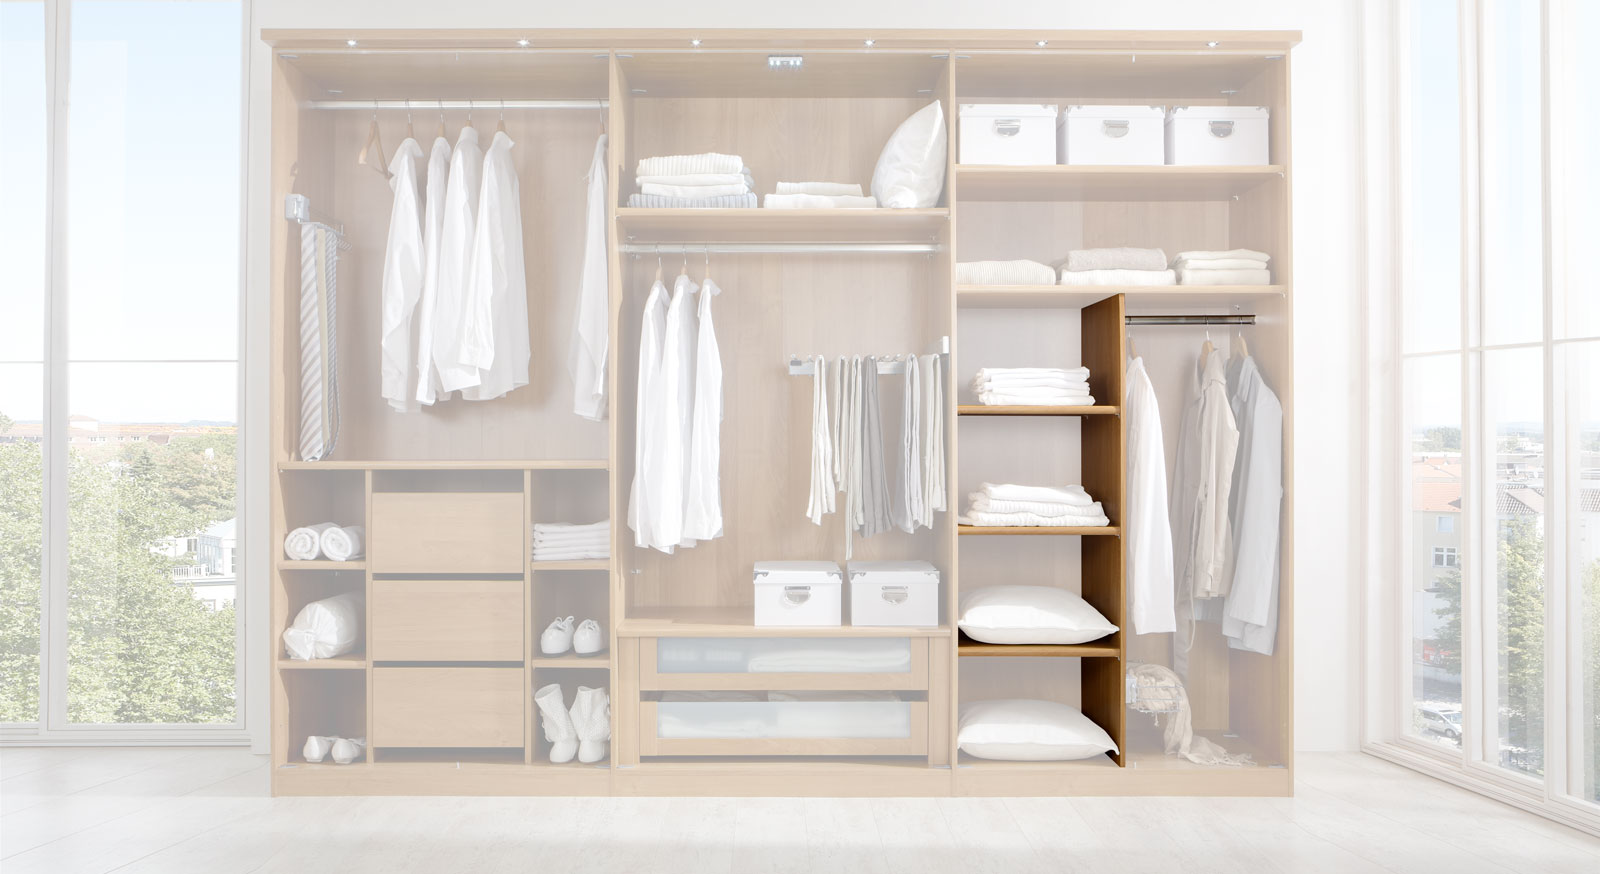 Wäscheboden-Einsatz zur Innenausstattung von Kleiderschränken